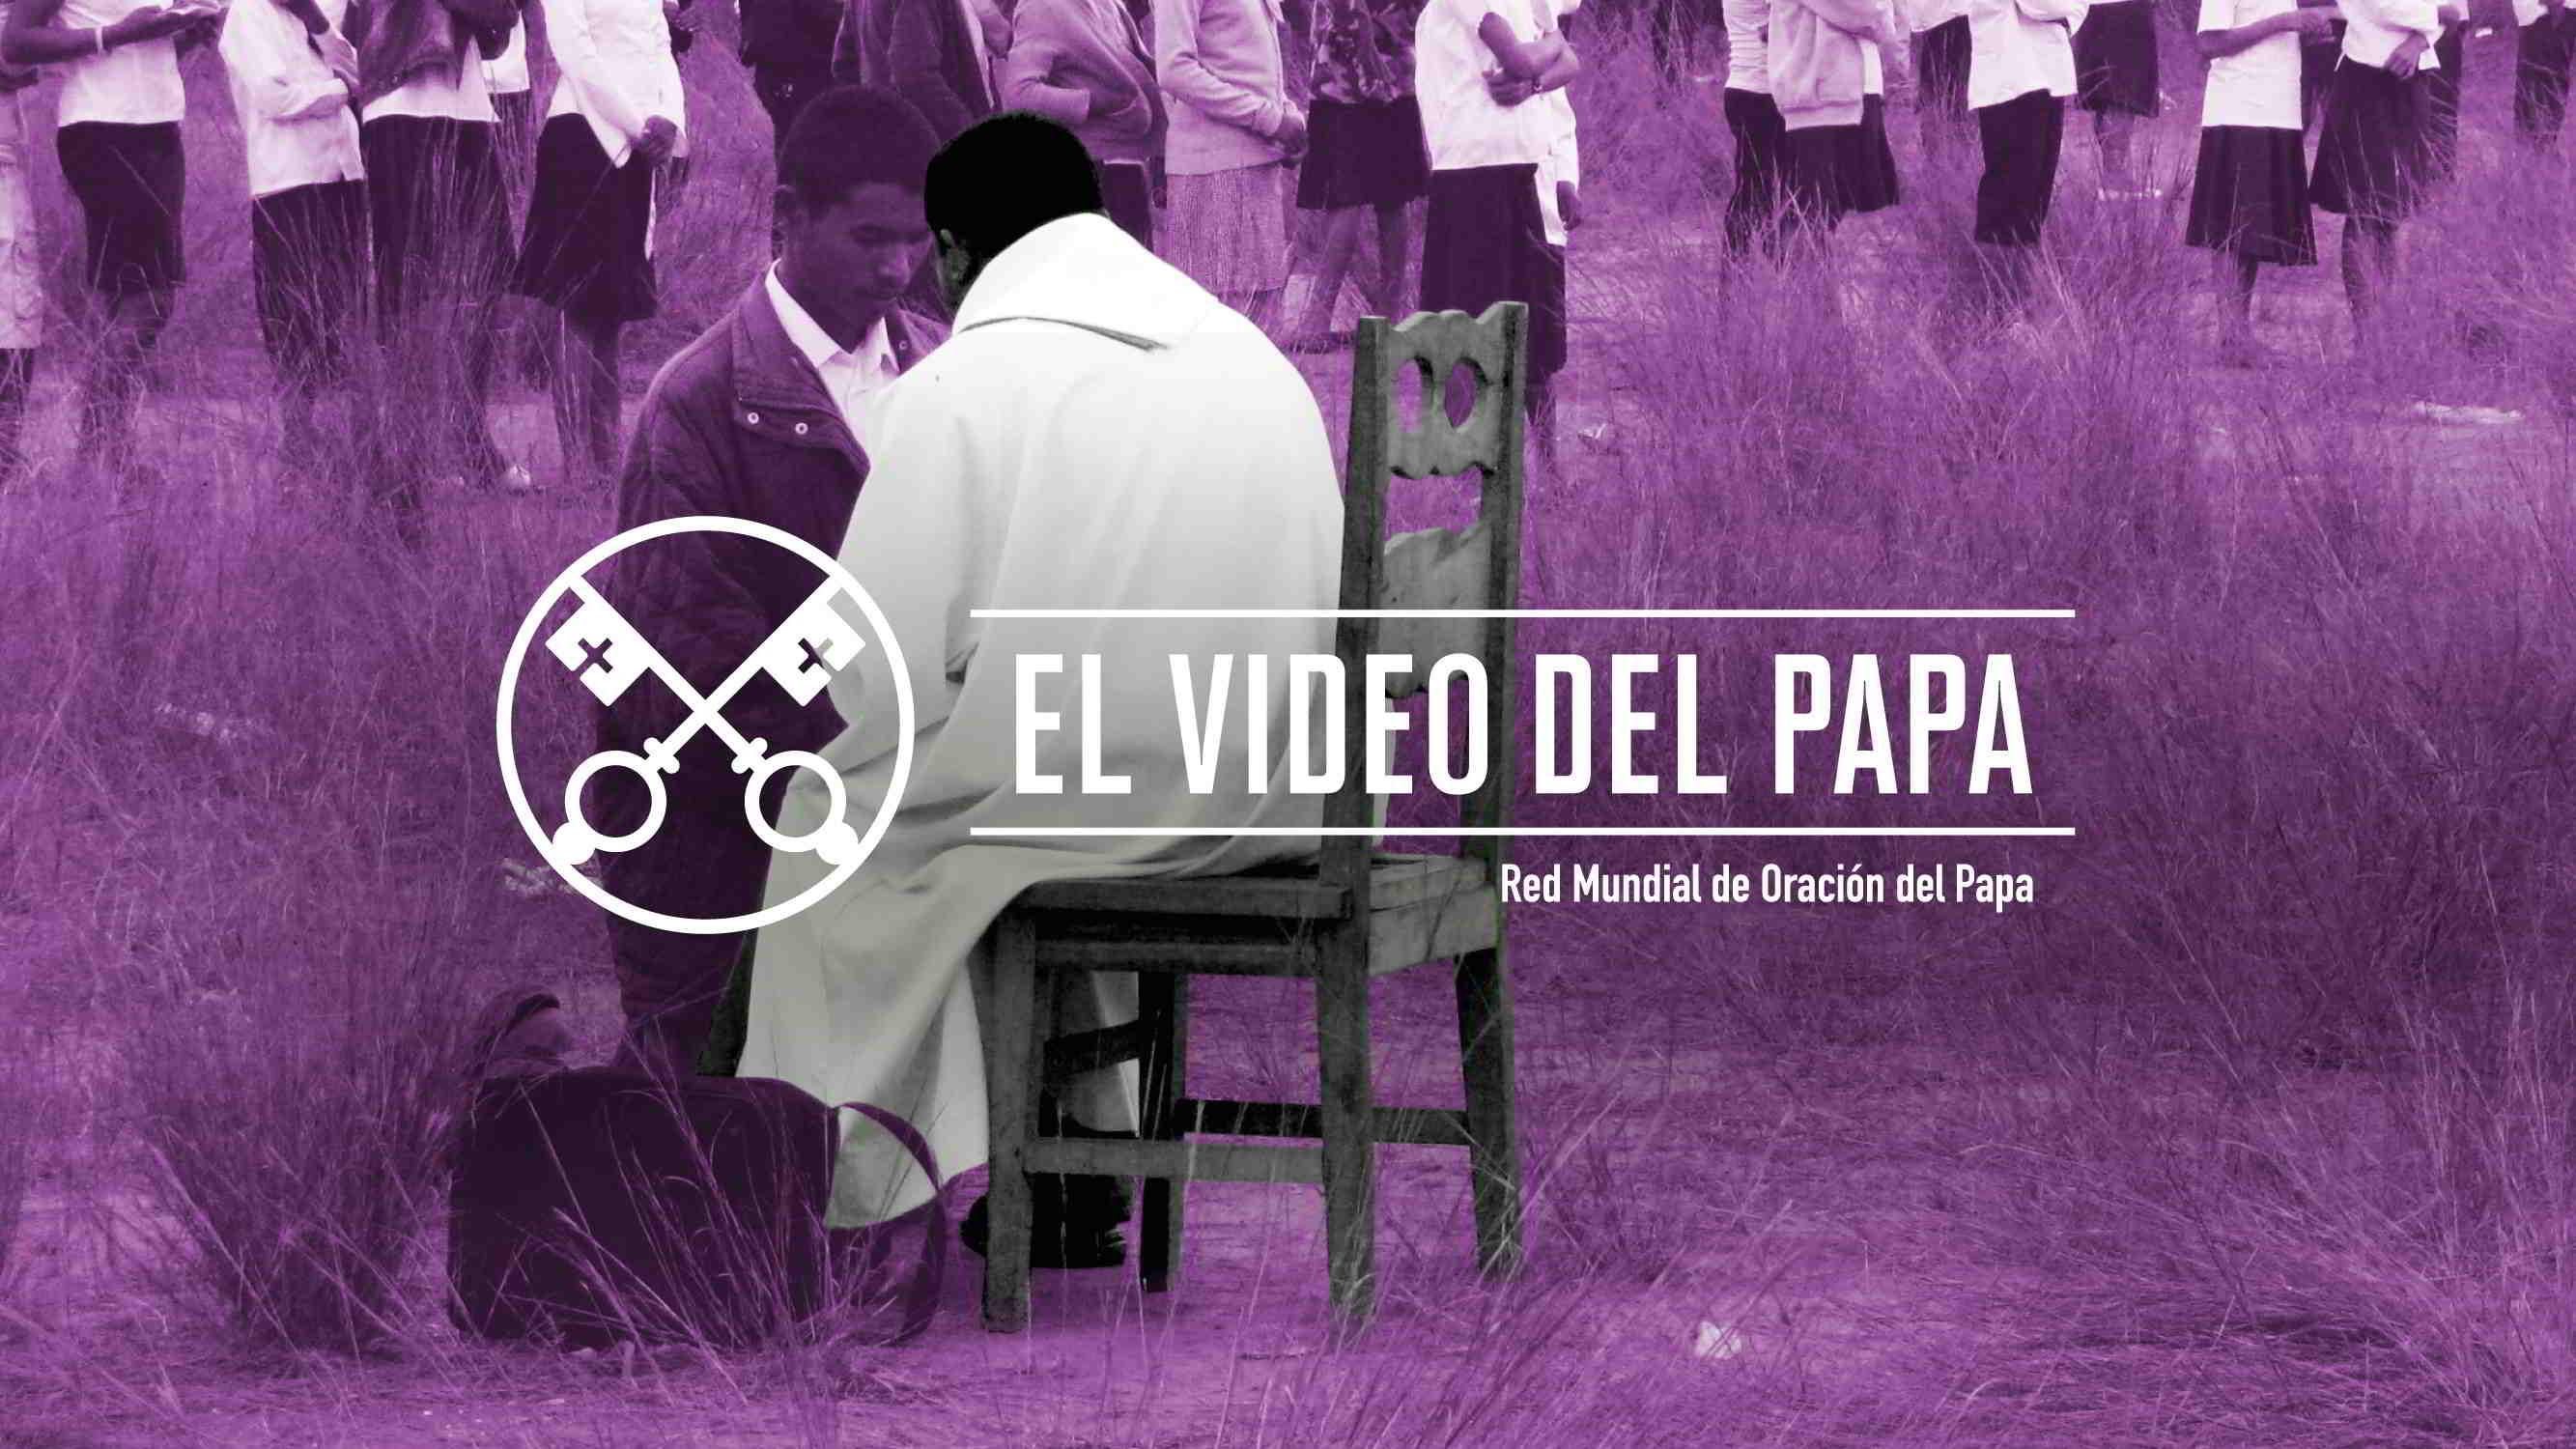 Official-Image-TPV-6-2019-2-ES-Estilo-de-vida-de-los-sacerdotes